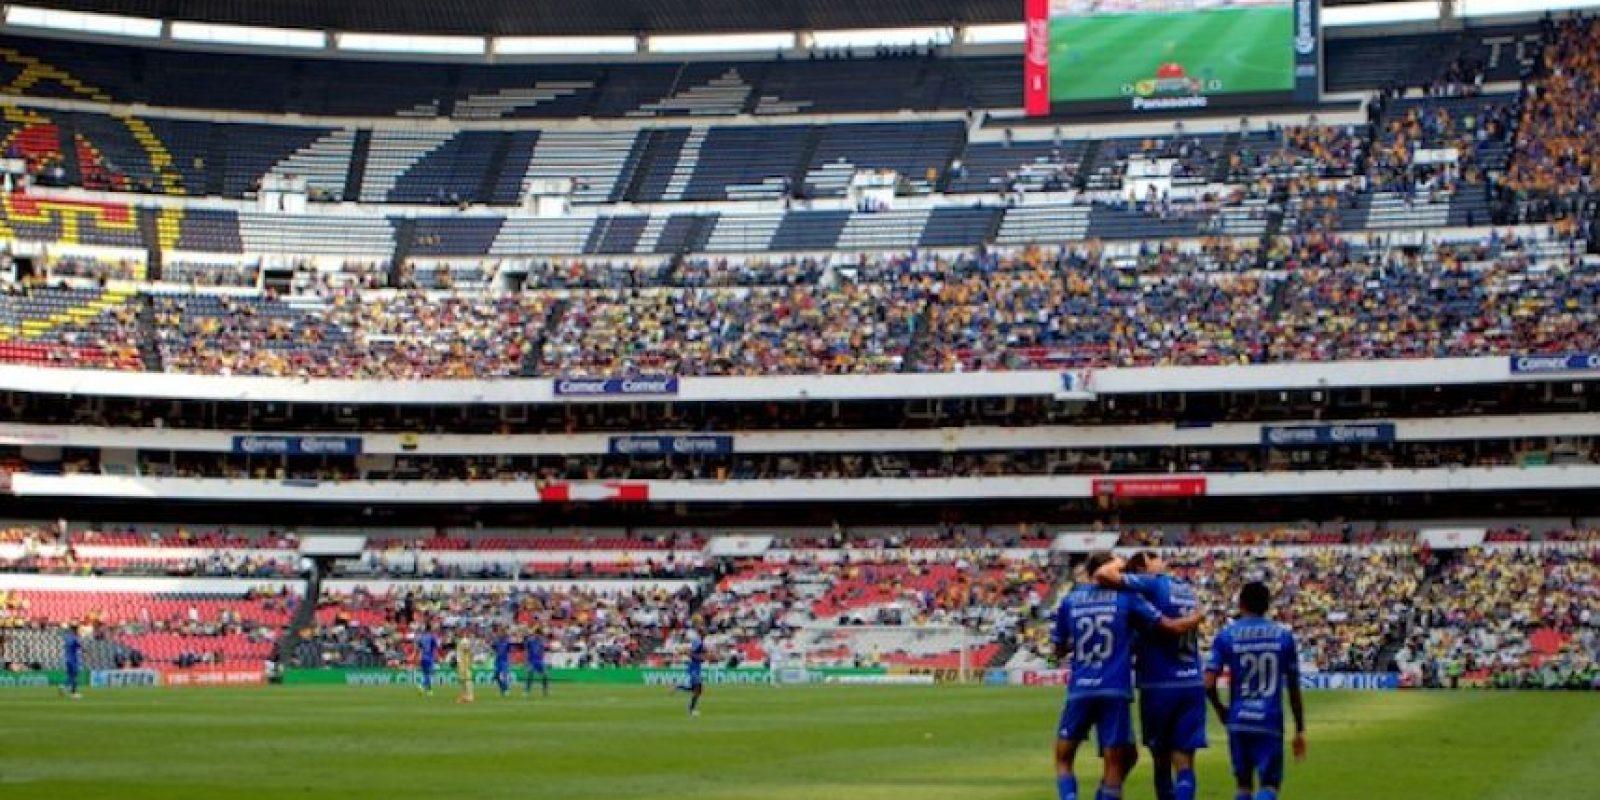 Los aficionados de Tigres se enfrentarán a los elevados precios en el Estadio Azteca. Foto:Mexsport